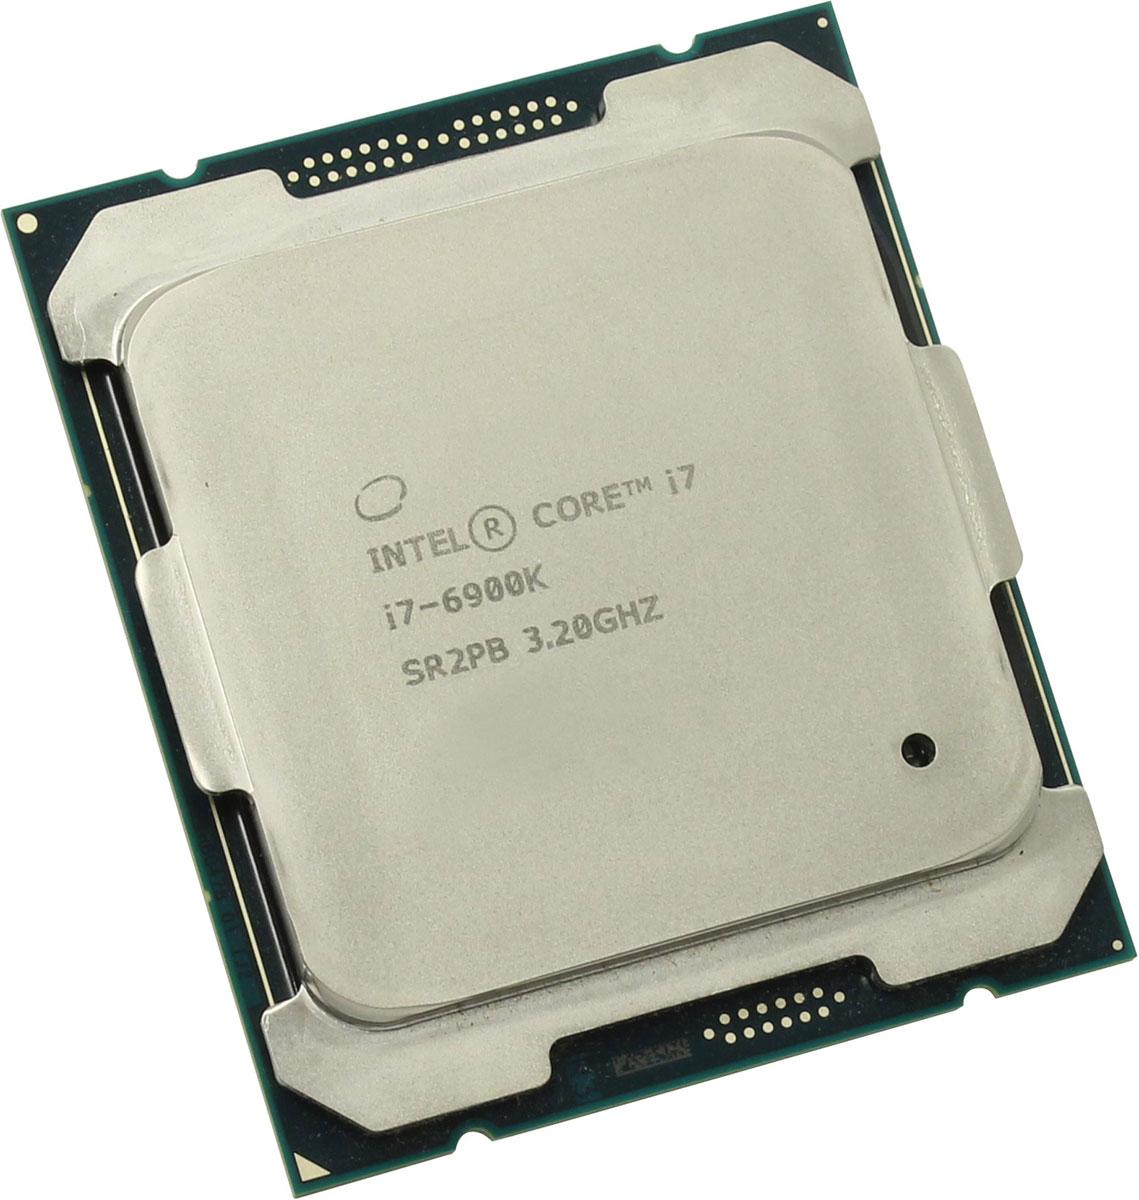 Intel Core i7-6900K процессор373951Процессор Intel Core i7-6900K обеспечит высокую производительность системы, когда это необходимо, благодаря автоматической подстройке частоты. Данная модель построена на архитектуре Broadwell и оснащена сокетом LGA 2011. Базовая частота этого 8-ядерного процессора составляет 3200 МГц, при серьезных нагрузках активируется турбо-режим и частота повышается до 3700 МГц. Intel Core i7-6900K поддерживает оперативную память типа DDR4 объемом до 128 ГБ с пропускной способностью 76.8 Гбайт/с. Используется системная шина DMI 2.0 и встроенный контроллер PCI-E 3.0 с 40 линиями. Процессор поддерживает 64-битный набор команд EM64T. Используется энергосберегающая технология Enhanced SpeedStep. Показатель тепловыделения (TDP) составляет 140 Вт. Ядро: Broadwell-E